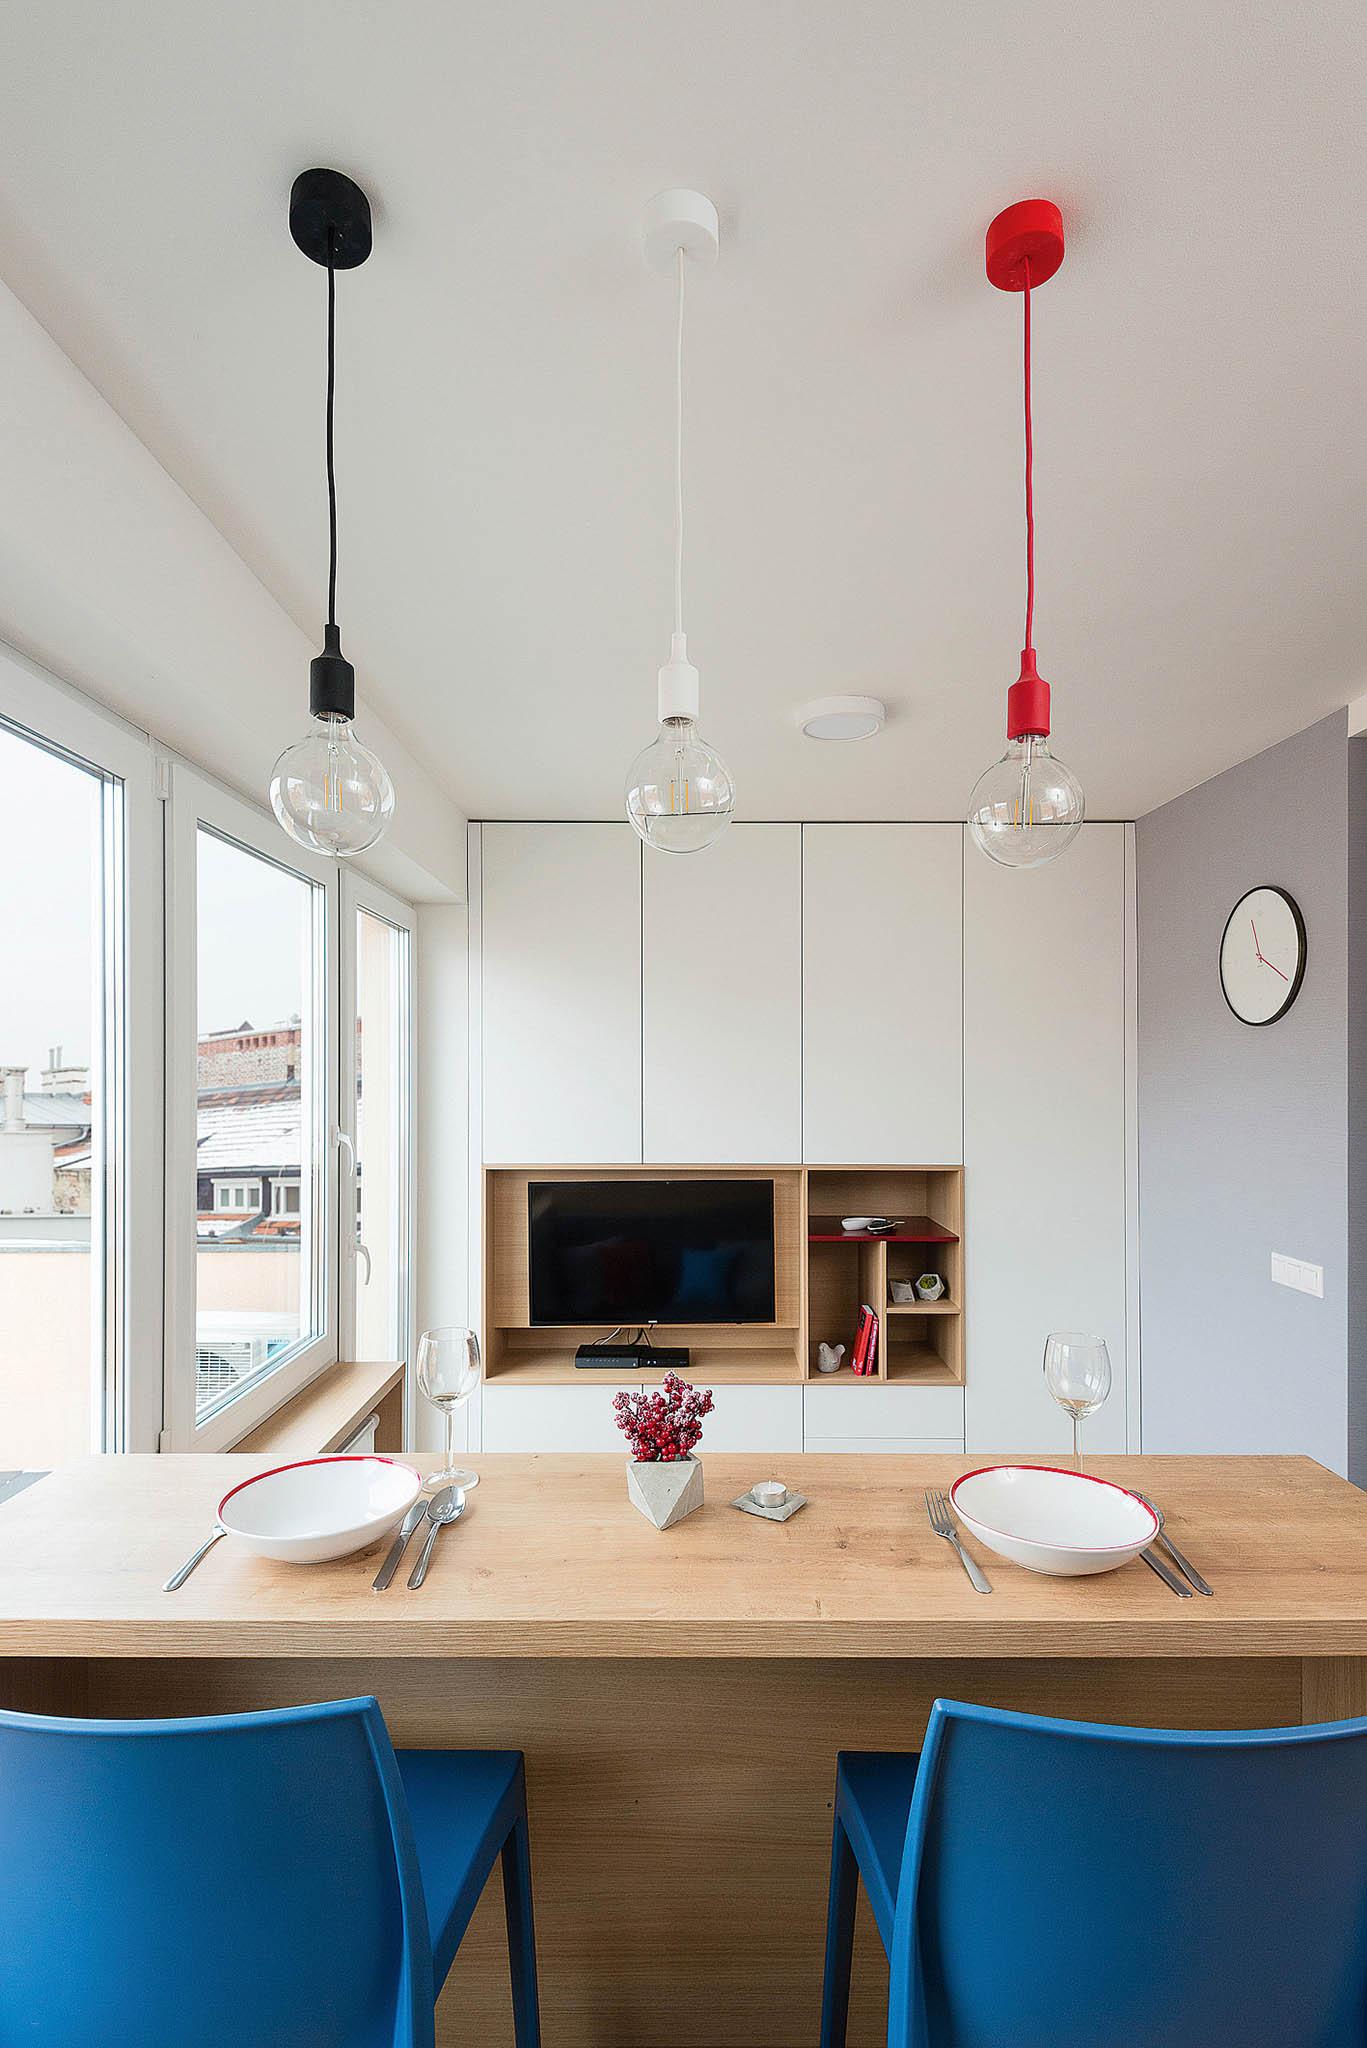 Aby se malý byt nestal jen zmenšeninoubytu velkého, musí architekti častosáhnout knezvyklým řešením.